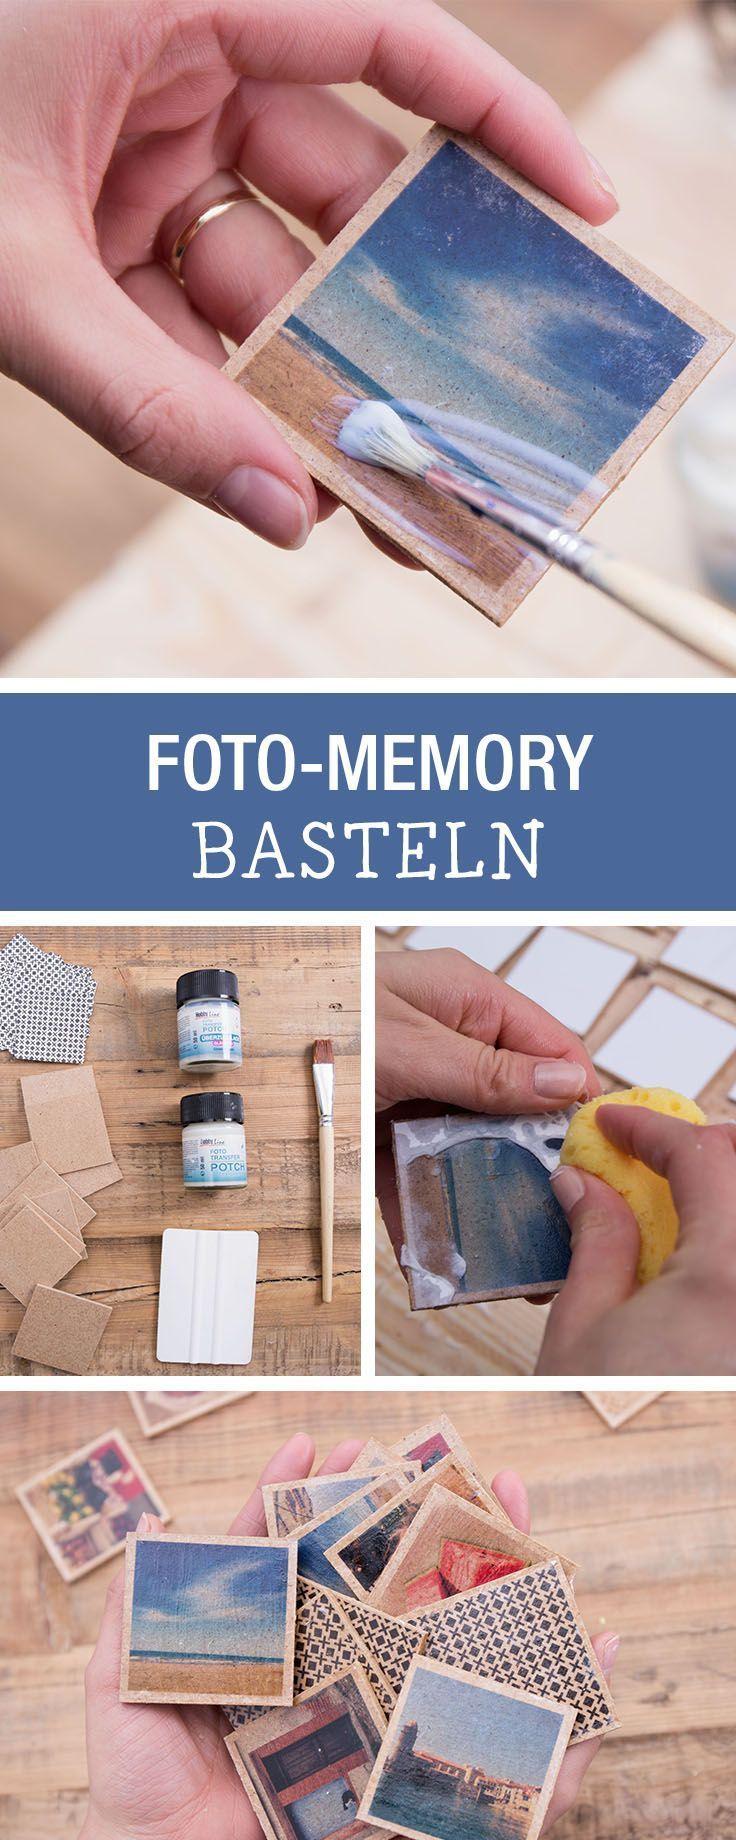 DIY-Anleitung: Foto-Memory mit besonderen Erinnerungen aufbewahren / DIY tutorial: crafting photo memory game for your special memories via DaWanda.com – Kinderleute entspannte Familie